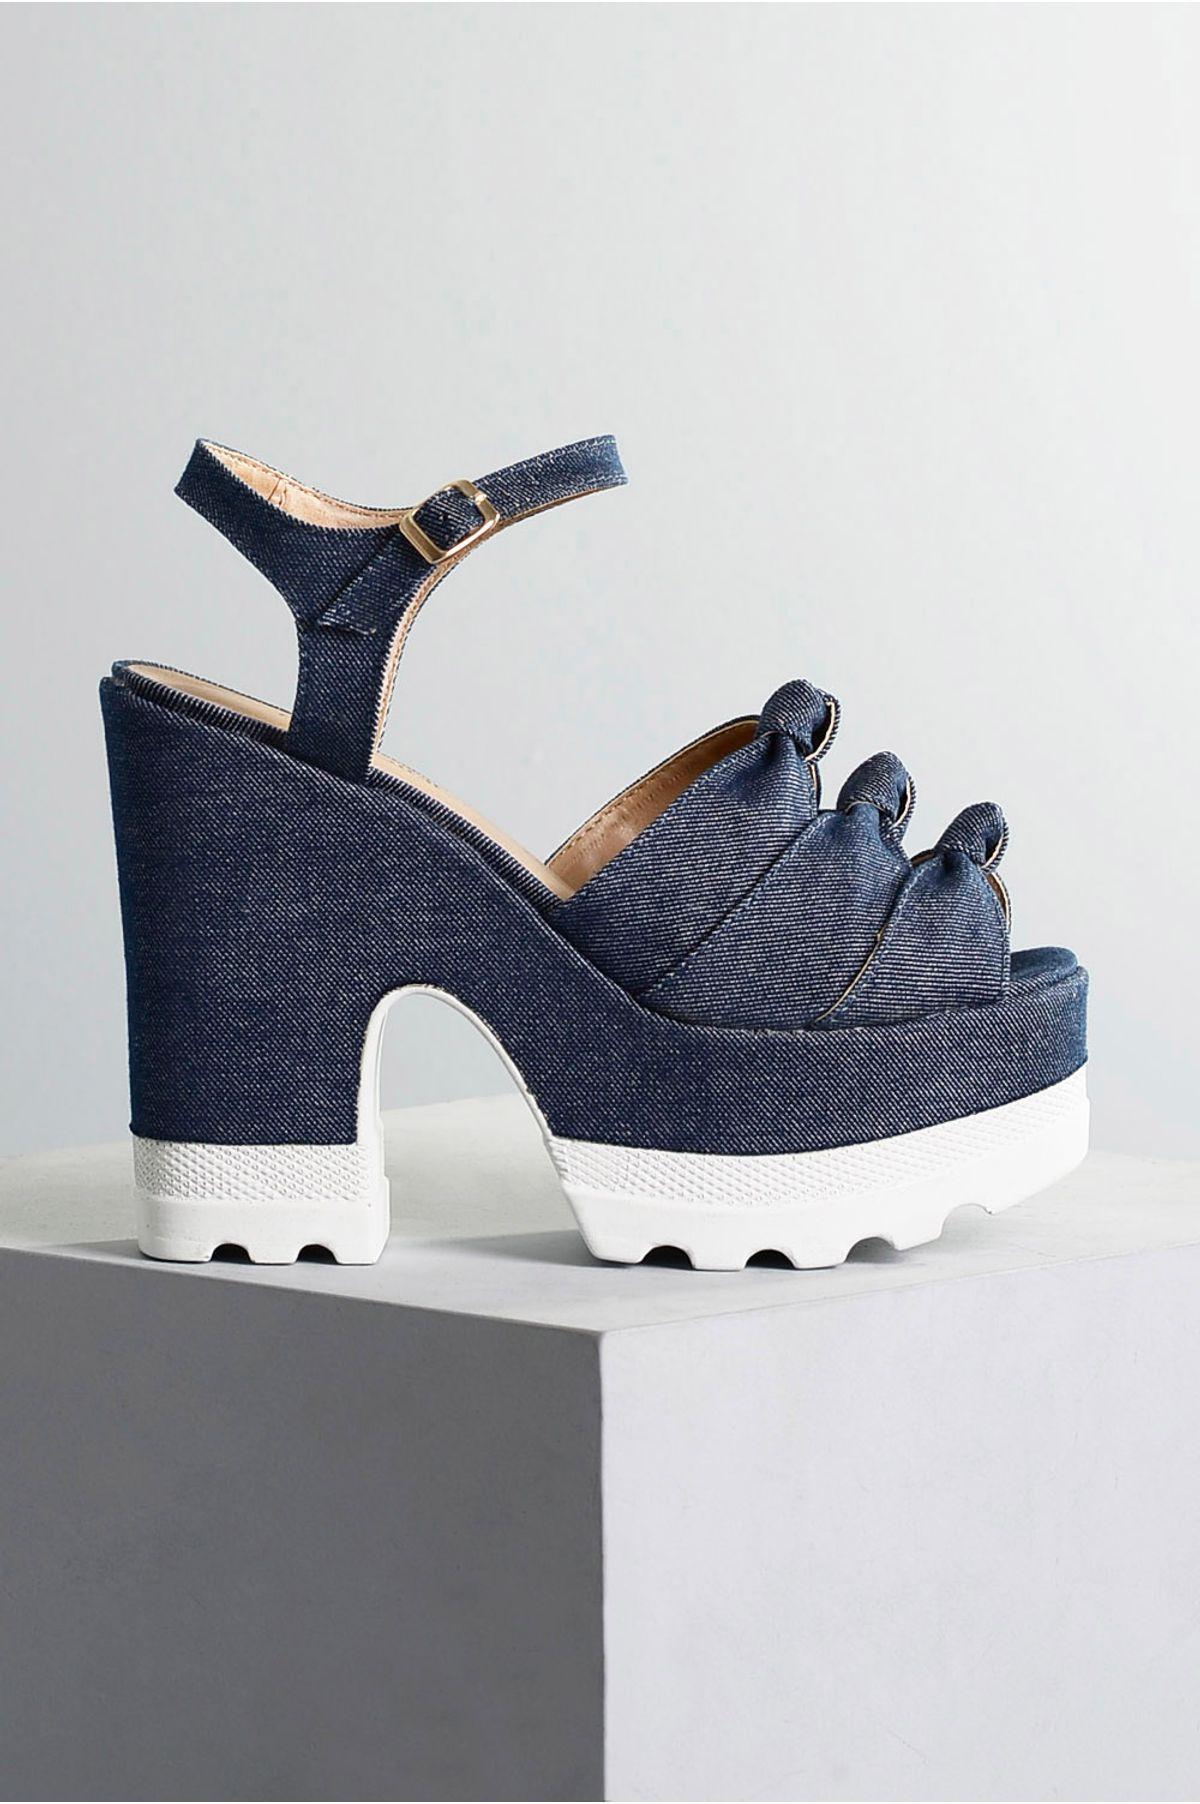 393fcc924 Sandália Feminina Salto Alto Bondy Mundial | Mundial Calçados ...